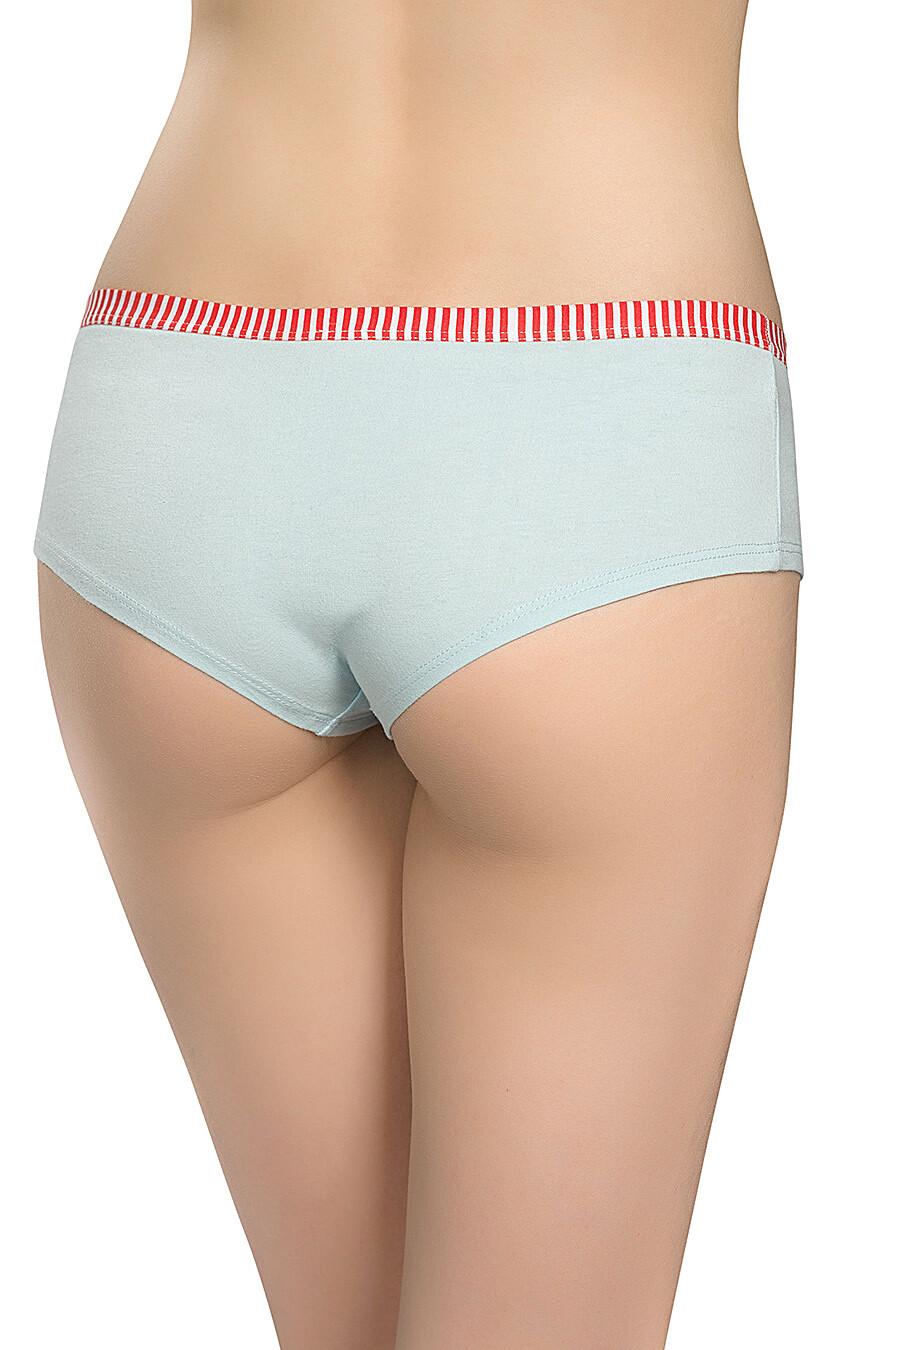 Трусы для женщин PELICAN 161362 купить оптом от производителя. Совместная покупка женской одежды в OptMoyo